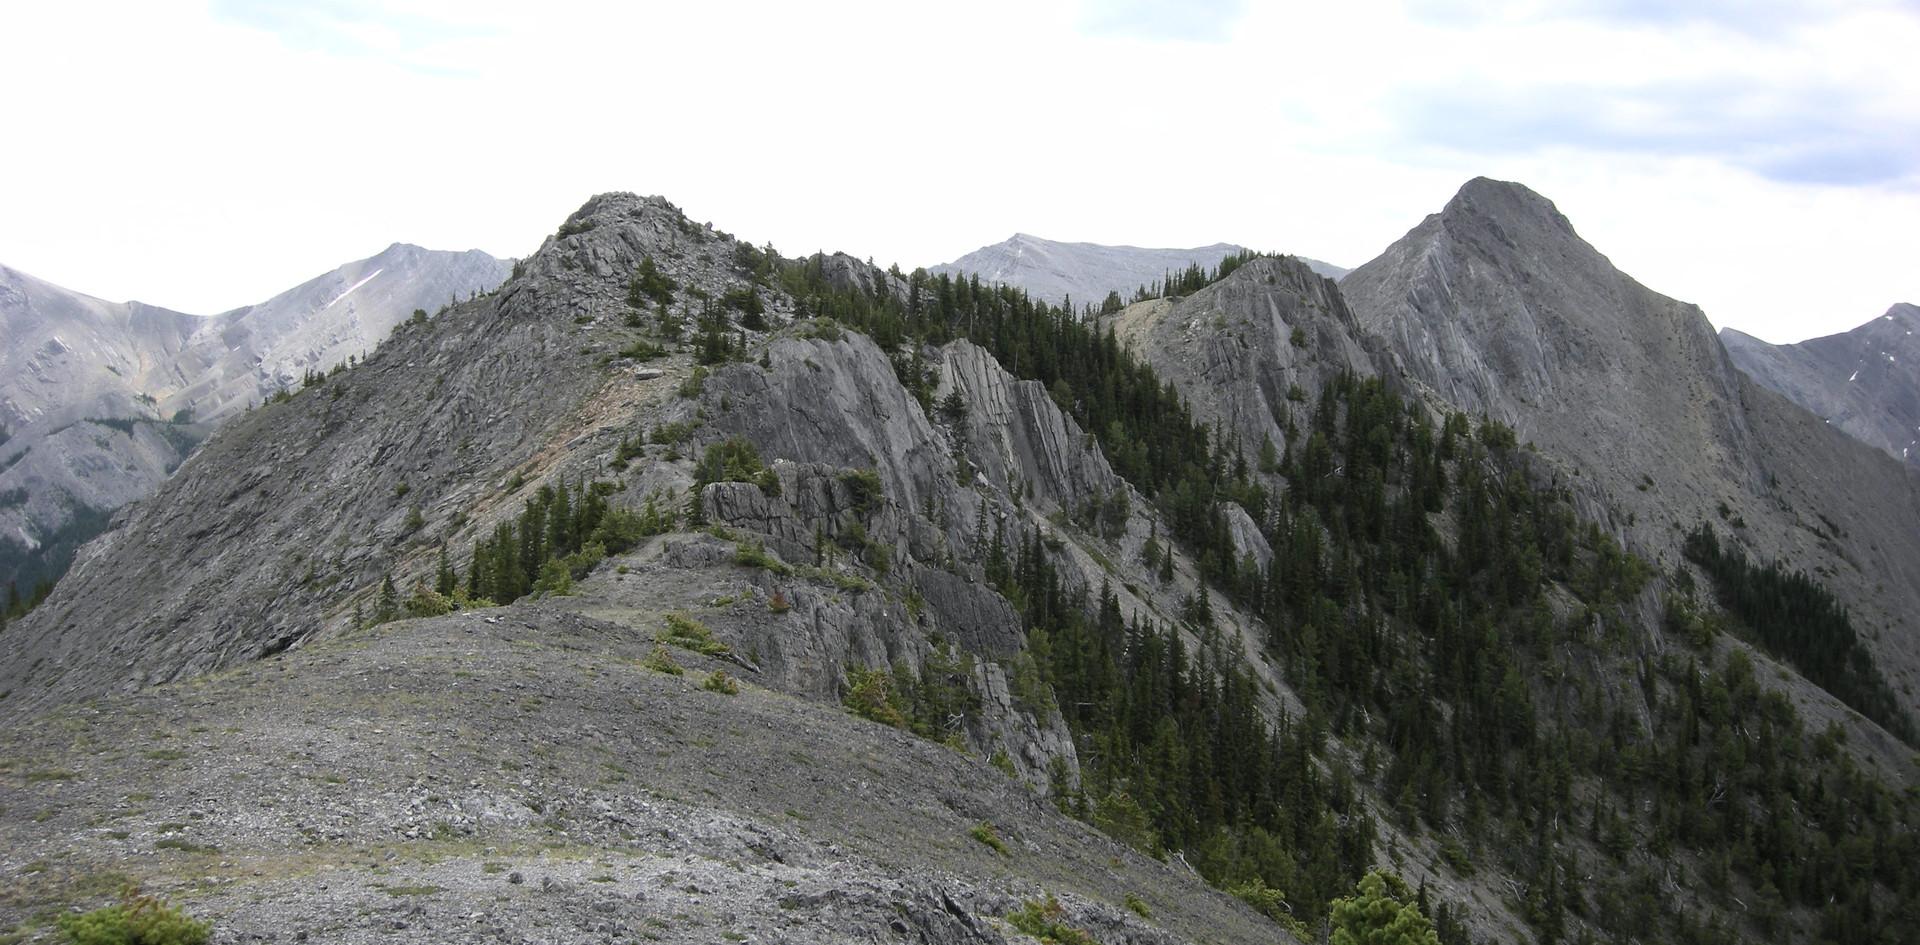 Wild Ridges in Kananaskis